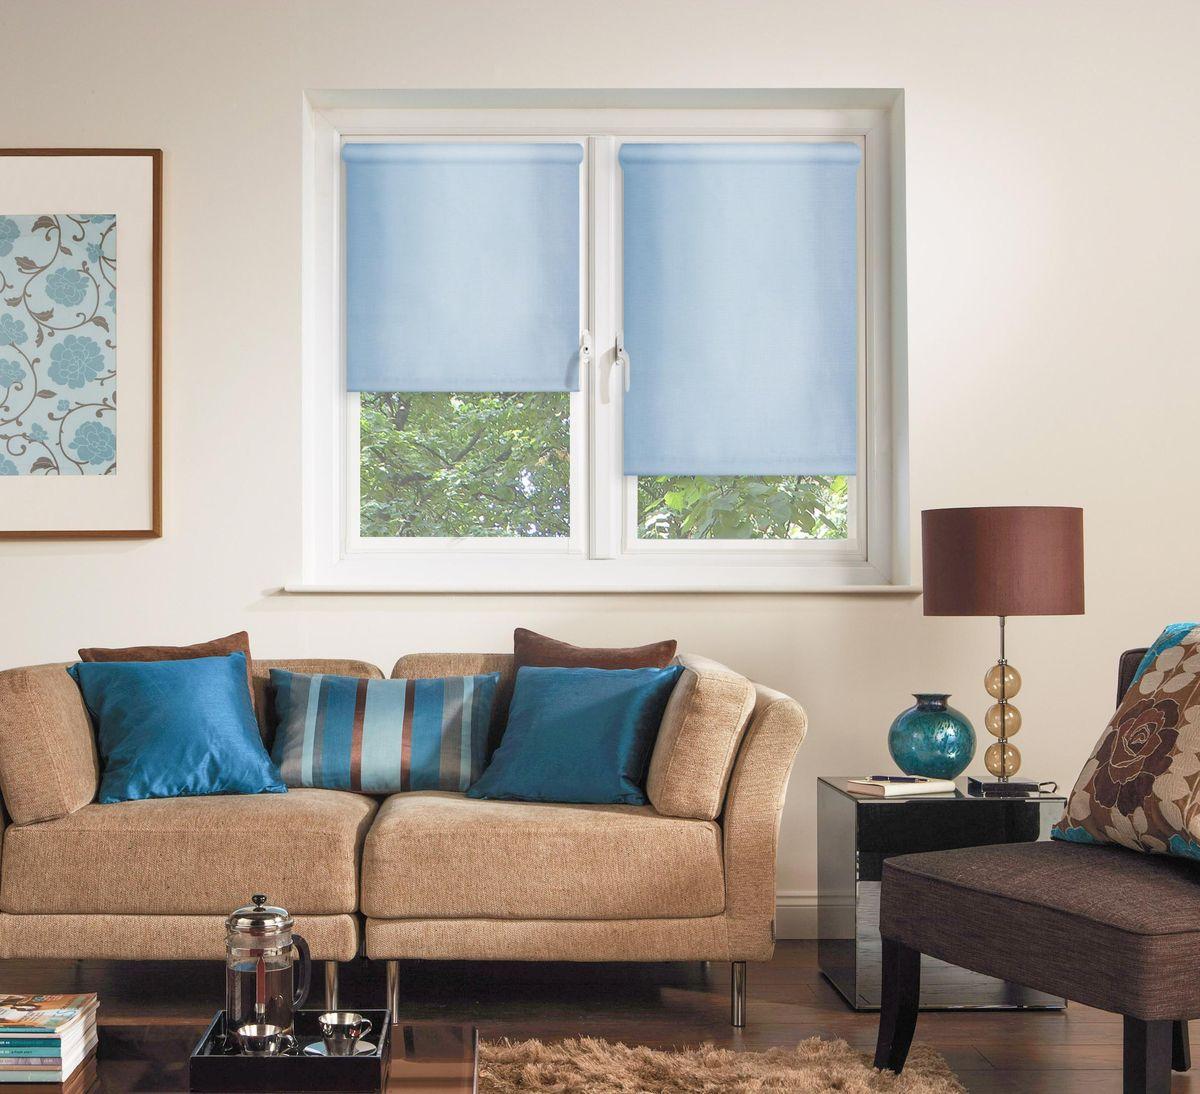 Штора рулонная Эскар, цвет: голубой, ширина 130 см, высота 170 смK100Рулонными шторами можно оформлять окна как самостоятельно, так и использовать в комбинации с портьерами. Это поможет предотвратить выгорание дорогой ткани на солнце и соединит функционал рулонных с красотой навесных.Преимущества применения рулонных штор для пластиковых окон:- имеют прекрасный внешний вид: многообразие и фактурность материала изделия отлично смотрятся в любом интерьере; - многофункциональны: есть возможность подобрать шторы способные эффективно защитить комнату от солнца, при этом о на не будет слишком темной. - Есть возможность осуществить быстрый монтаж. ВНИМАНИЕ! Размеры ширины изделия указаны по ширине ткани!Во время эксплуатации не рекомендуется полностью разматывать рулон, чтобы не оторвать ткань от намоточного вала.В случае загрязнения поверхности ткани, чистку шторы проводят одним из способов, в зависимости от типа загрязнения: легкое поверхностное загрязнение можно удалить при помощи канцелярского ластика; чистка от пыли производится сухим методом при помощи пылесоса с мягкой щеткой-насадкой; для удаления пятна используйте мягкую губку с пенообразующим неагрессивным моющим средством или пятновыводитель на натуральной основе (нельзя применять растворители).